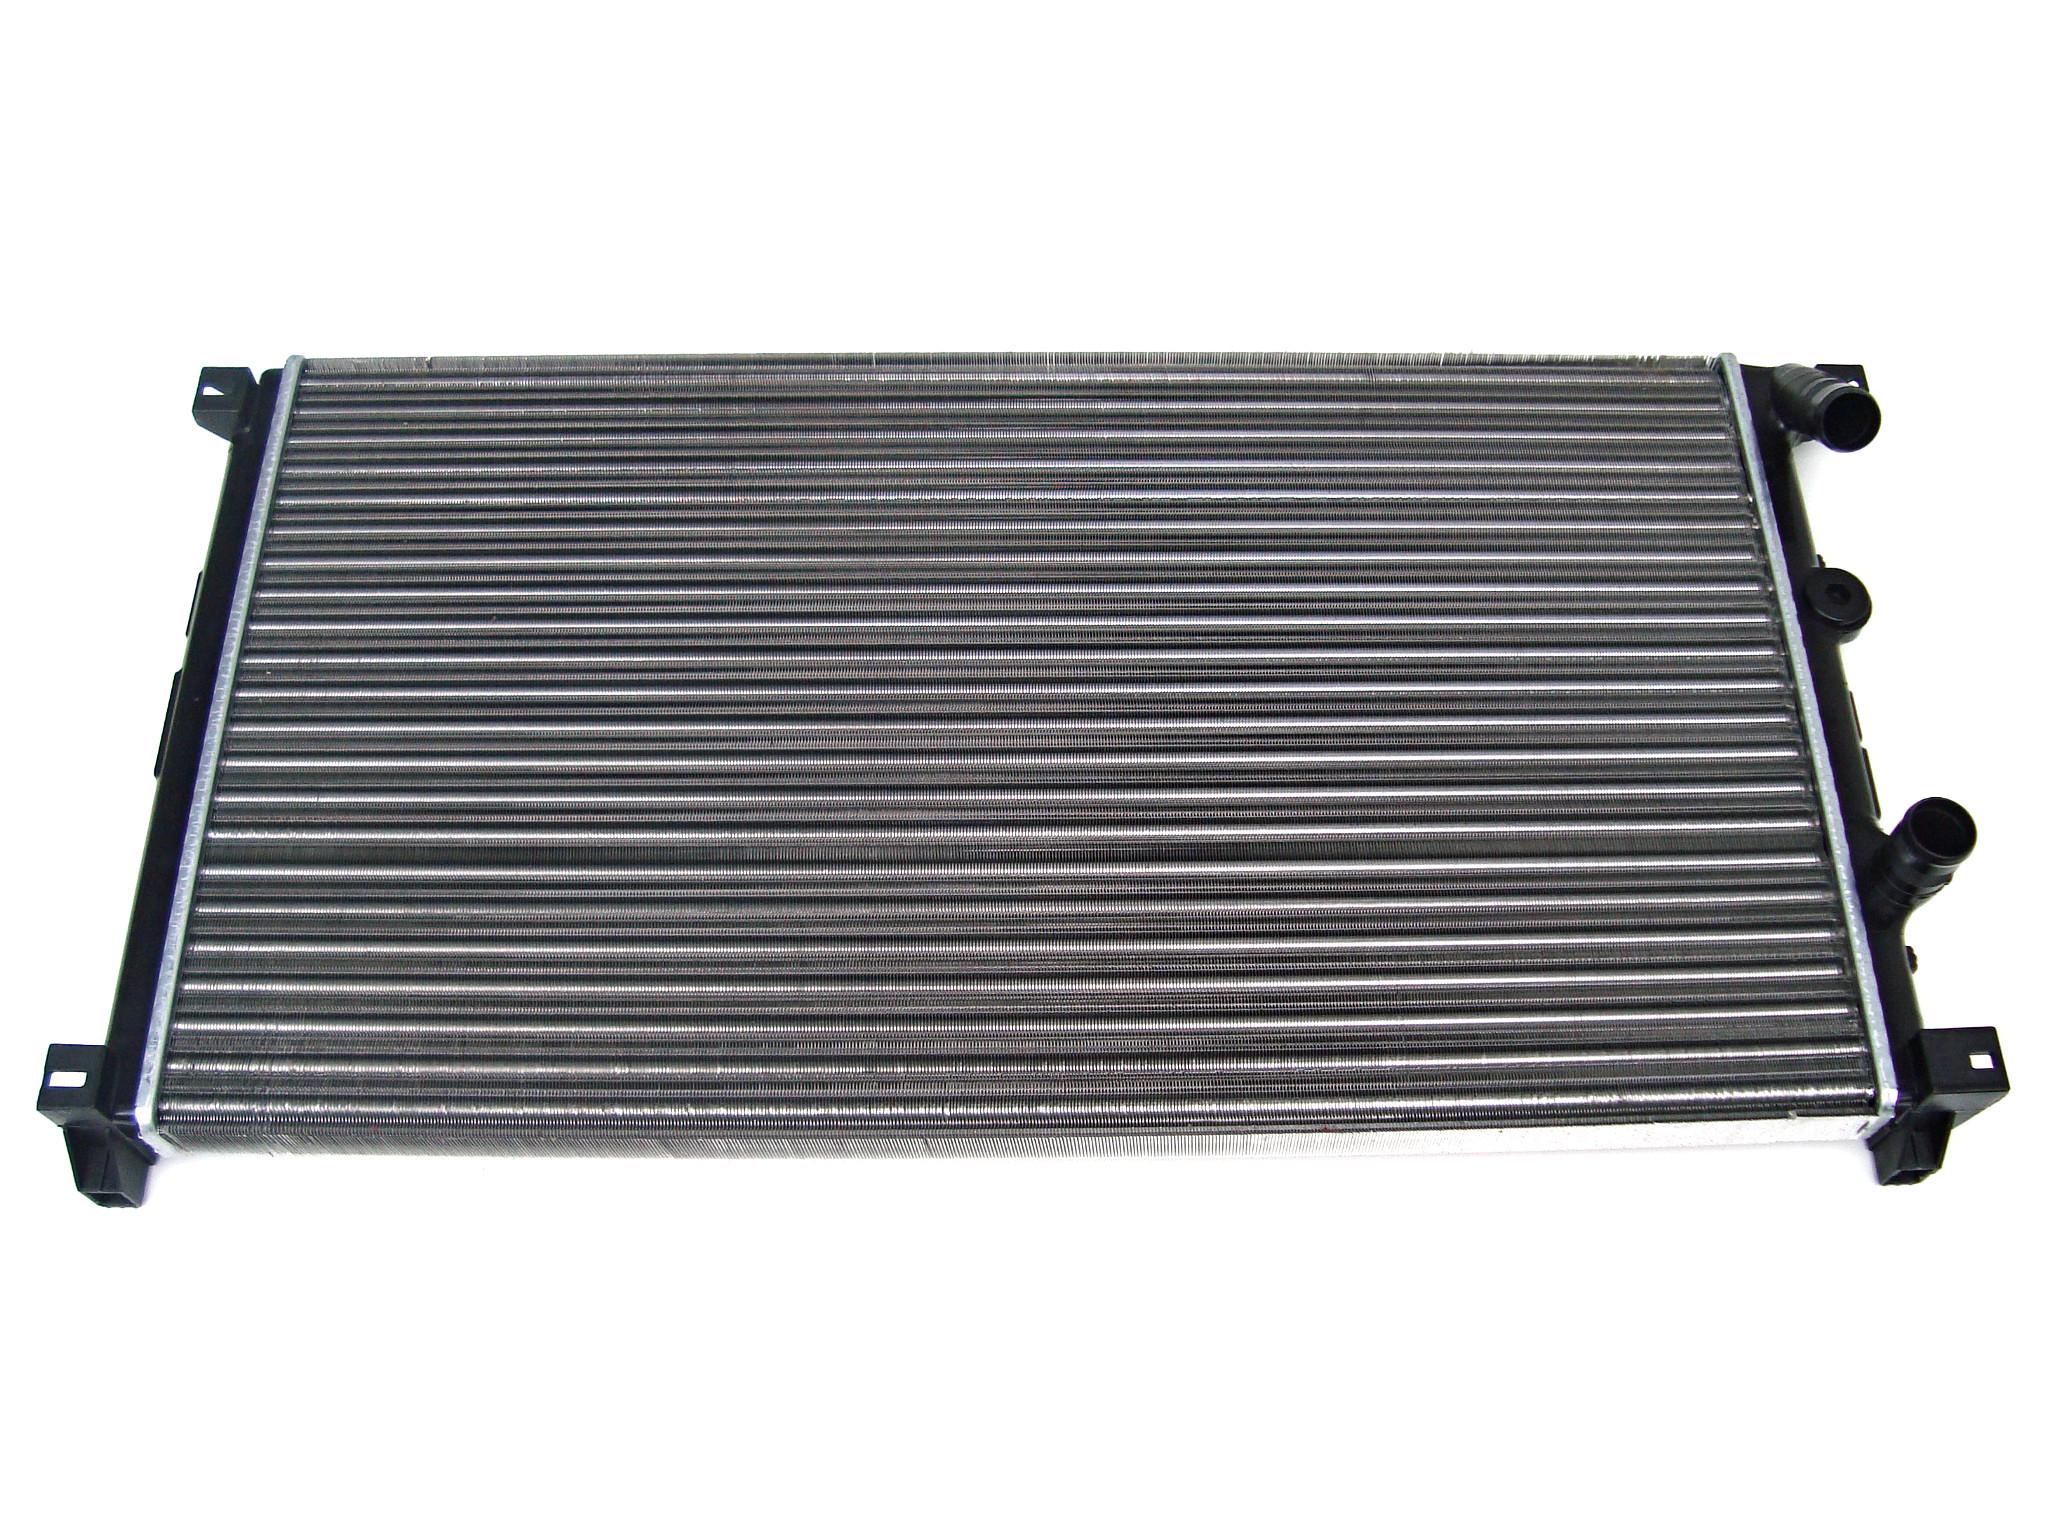 радиатор воды interstar movano master 25 dti